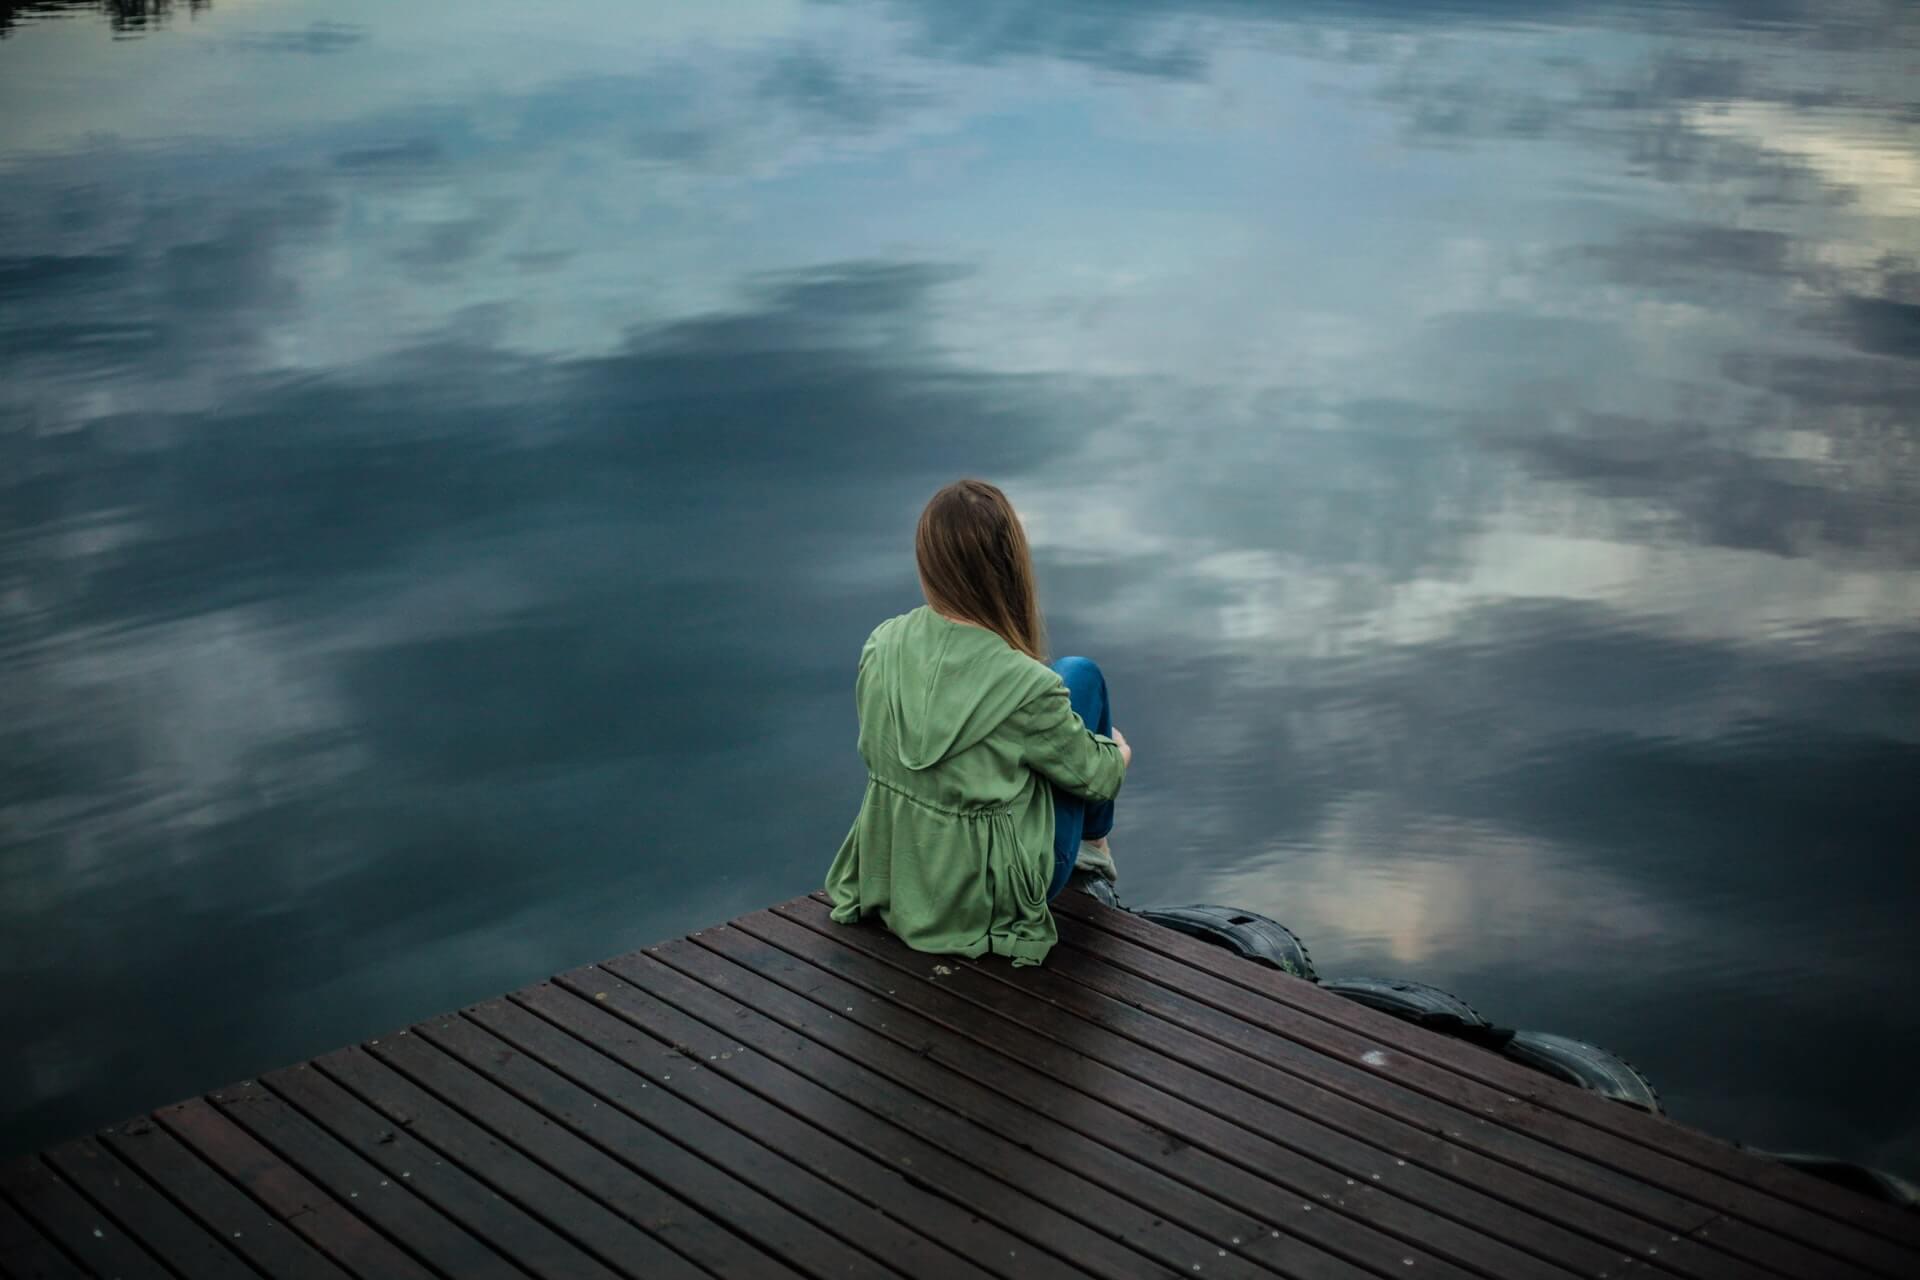 Selbstbewusstsein verlieren und in die Unsicherheit rutschen ist keine Seltenheit